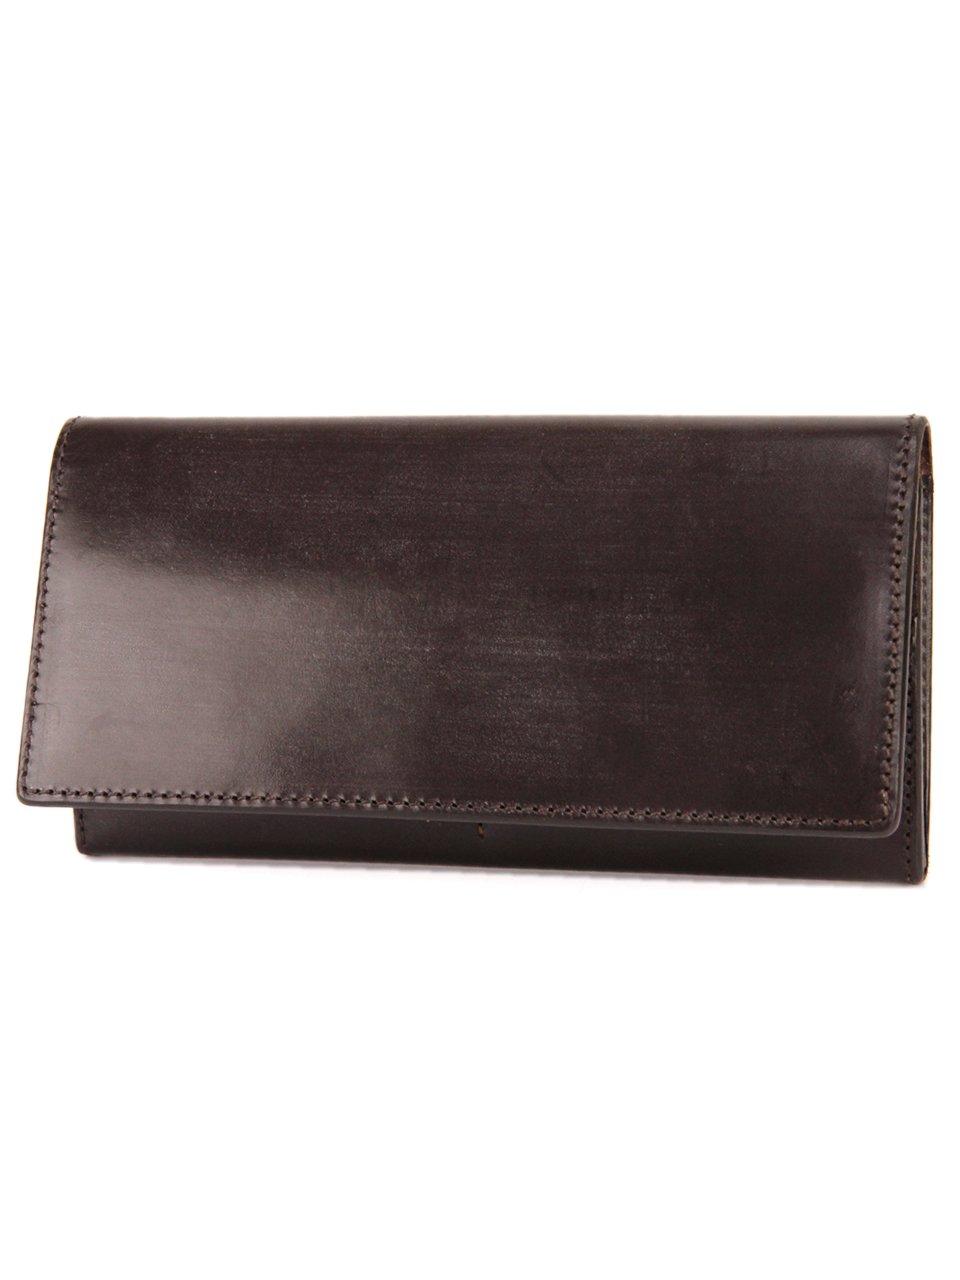 [コルボ] CORBO. 長財布 1LD-0236 face Bridle Leather フェイスブライドルレザーシリーズ B00PTE8VUI ダークブラウン ダークブラウン